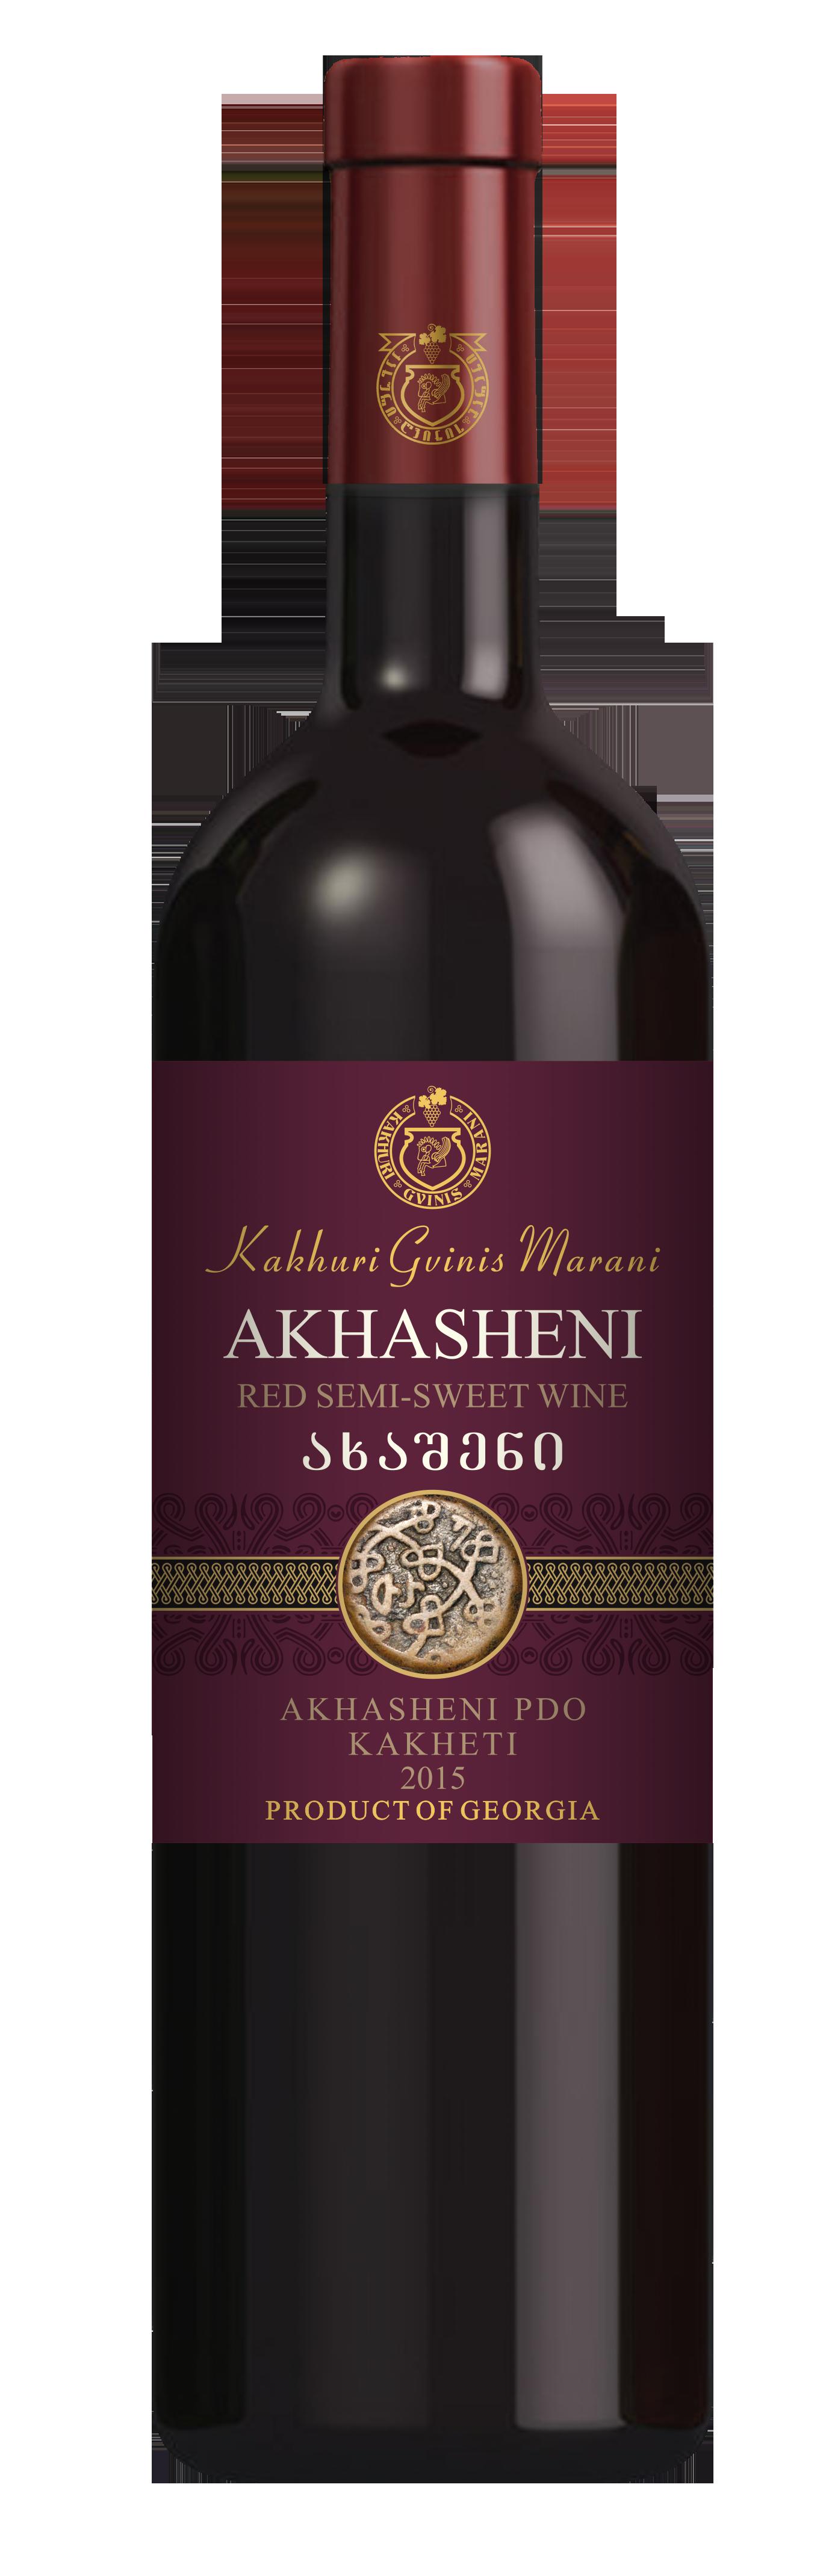 AKHASHENI ROTWEIN - KGM